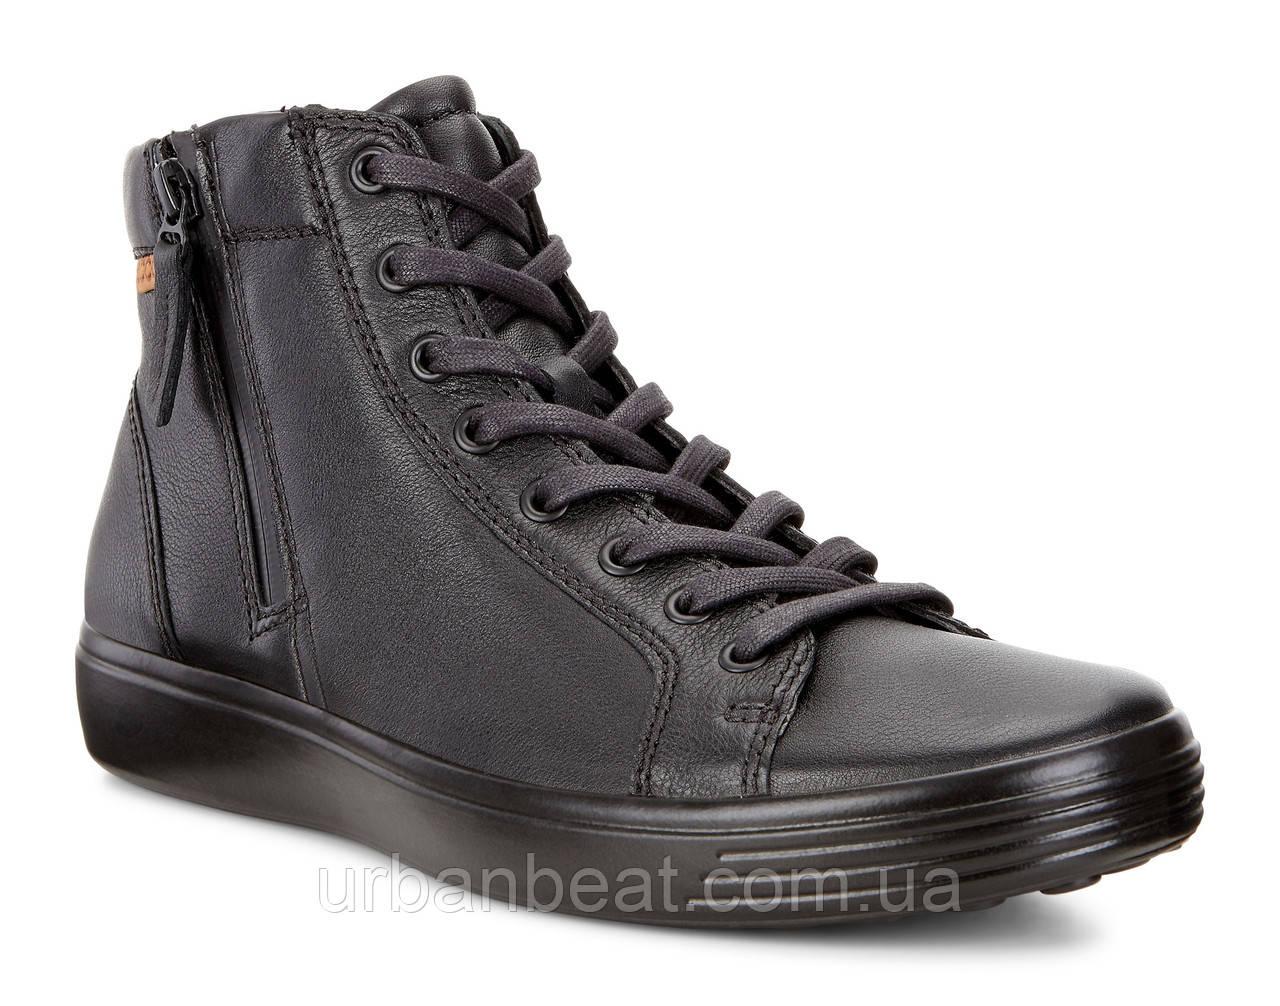 Мужские ботинки Ecco Soft 7 430134 59075 ОРИГИНАЛ , фото 1